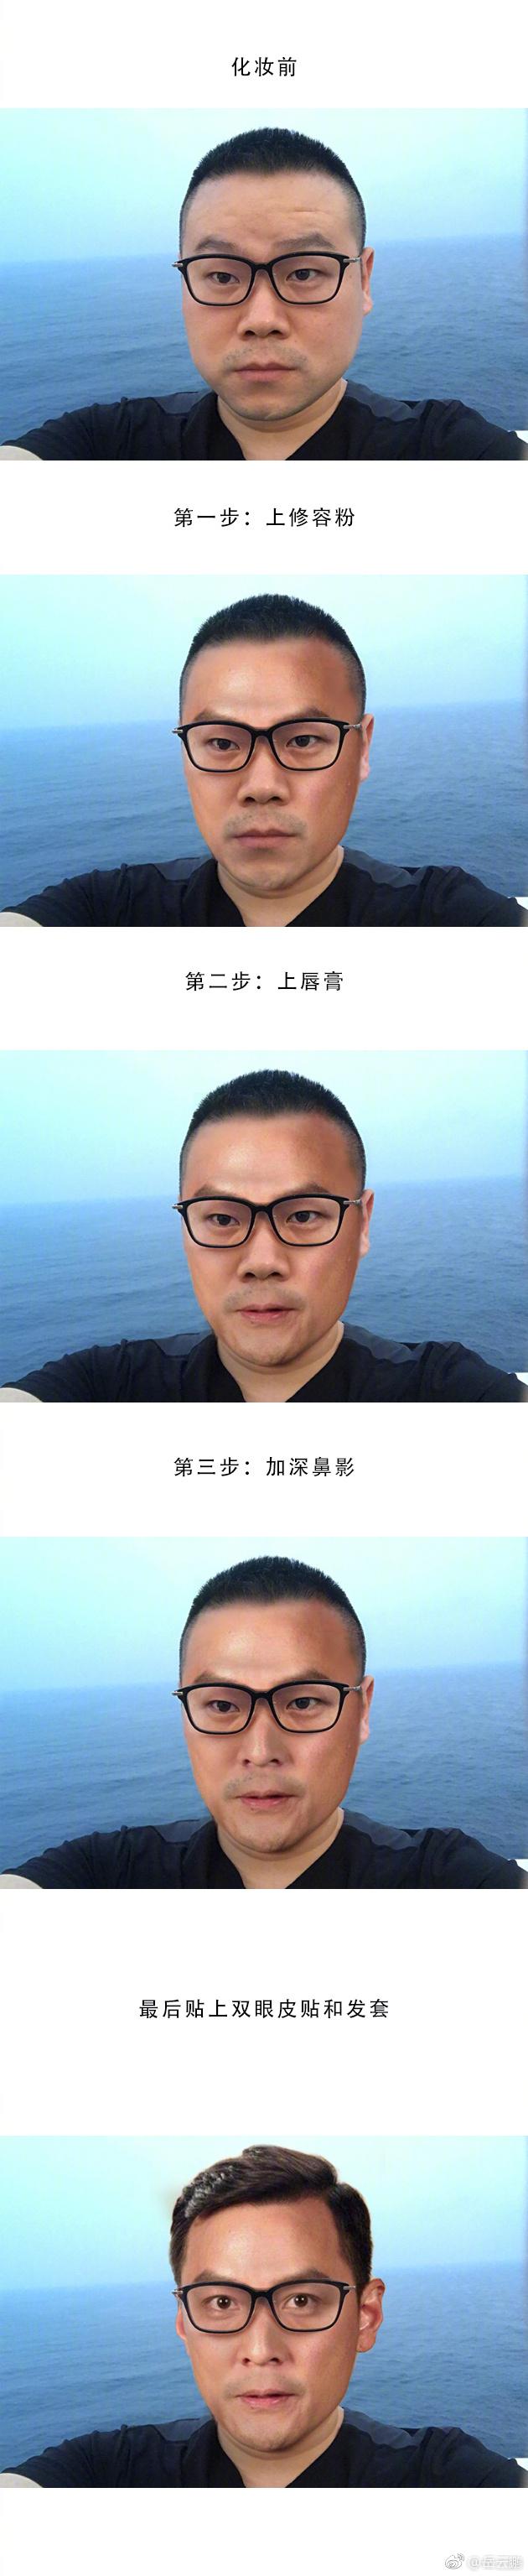 岳云鹏把自己照片P成吴彦祖